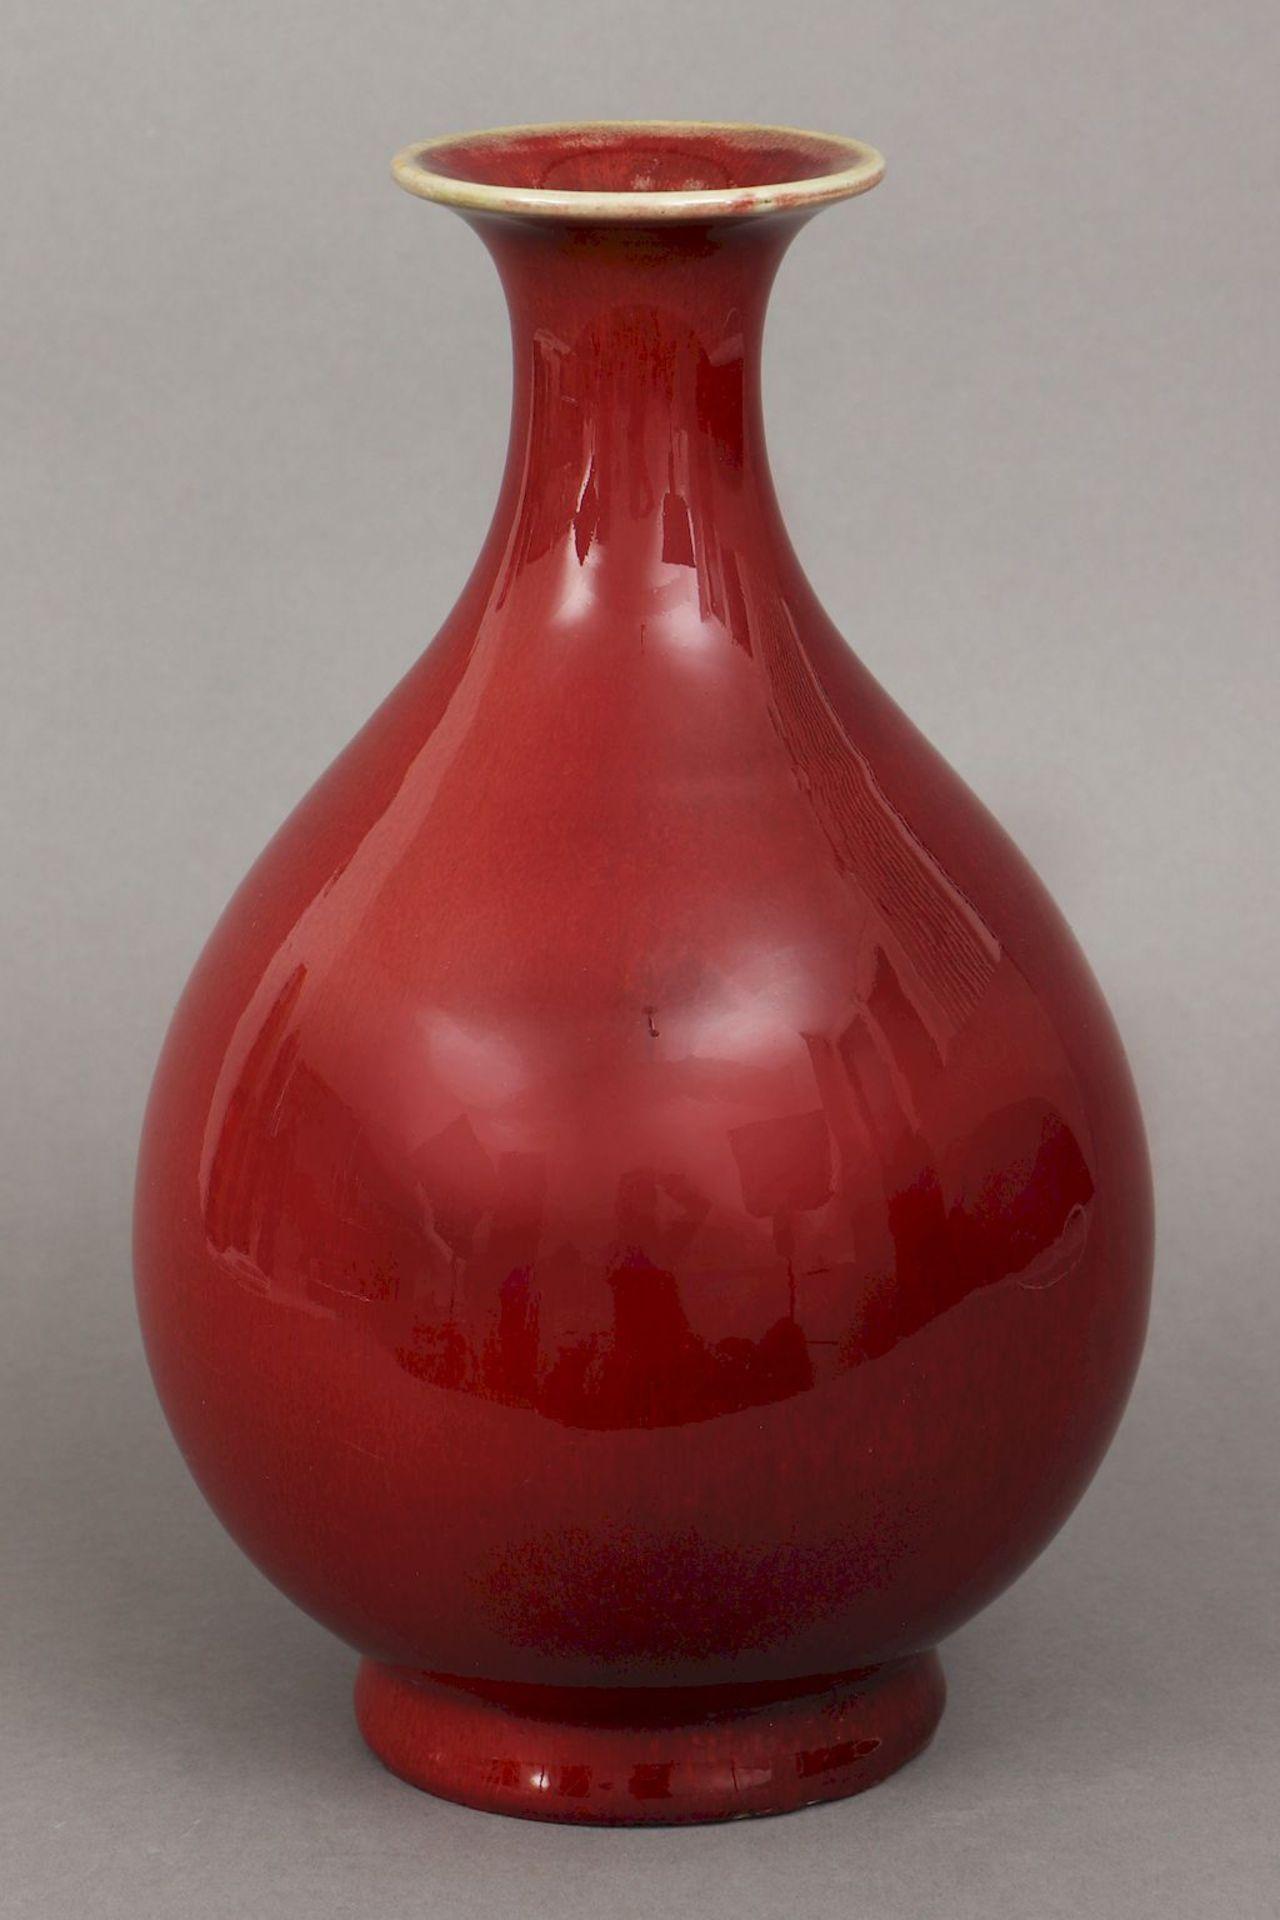 Chinesische ¨sange-de-boeuf¨ (Ochsenblut) Vase